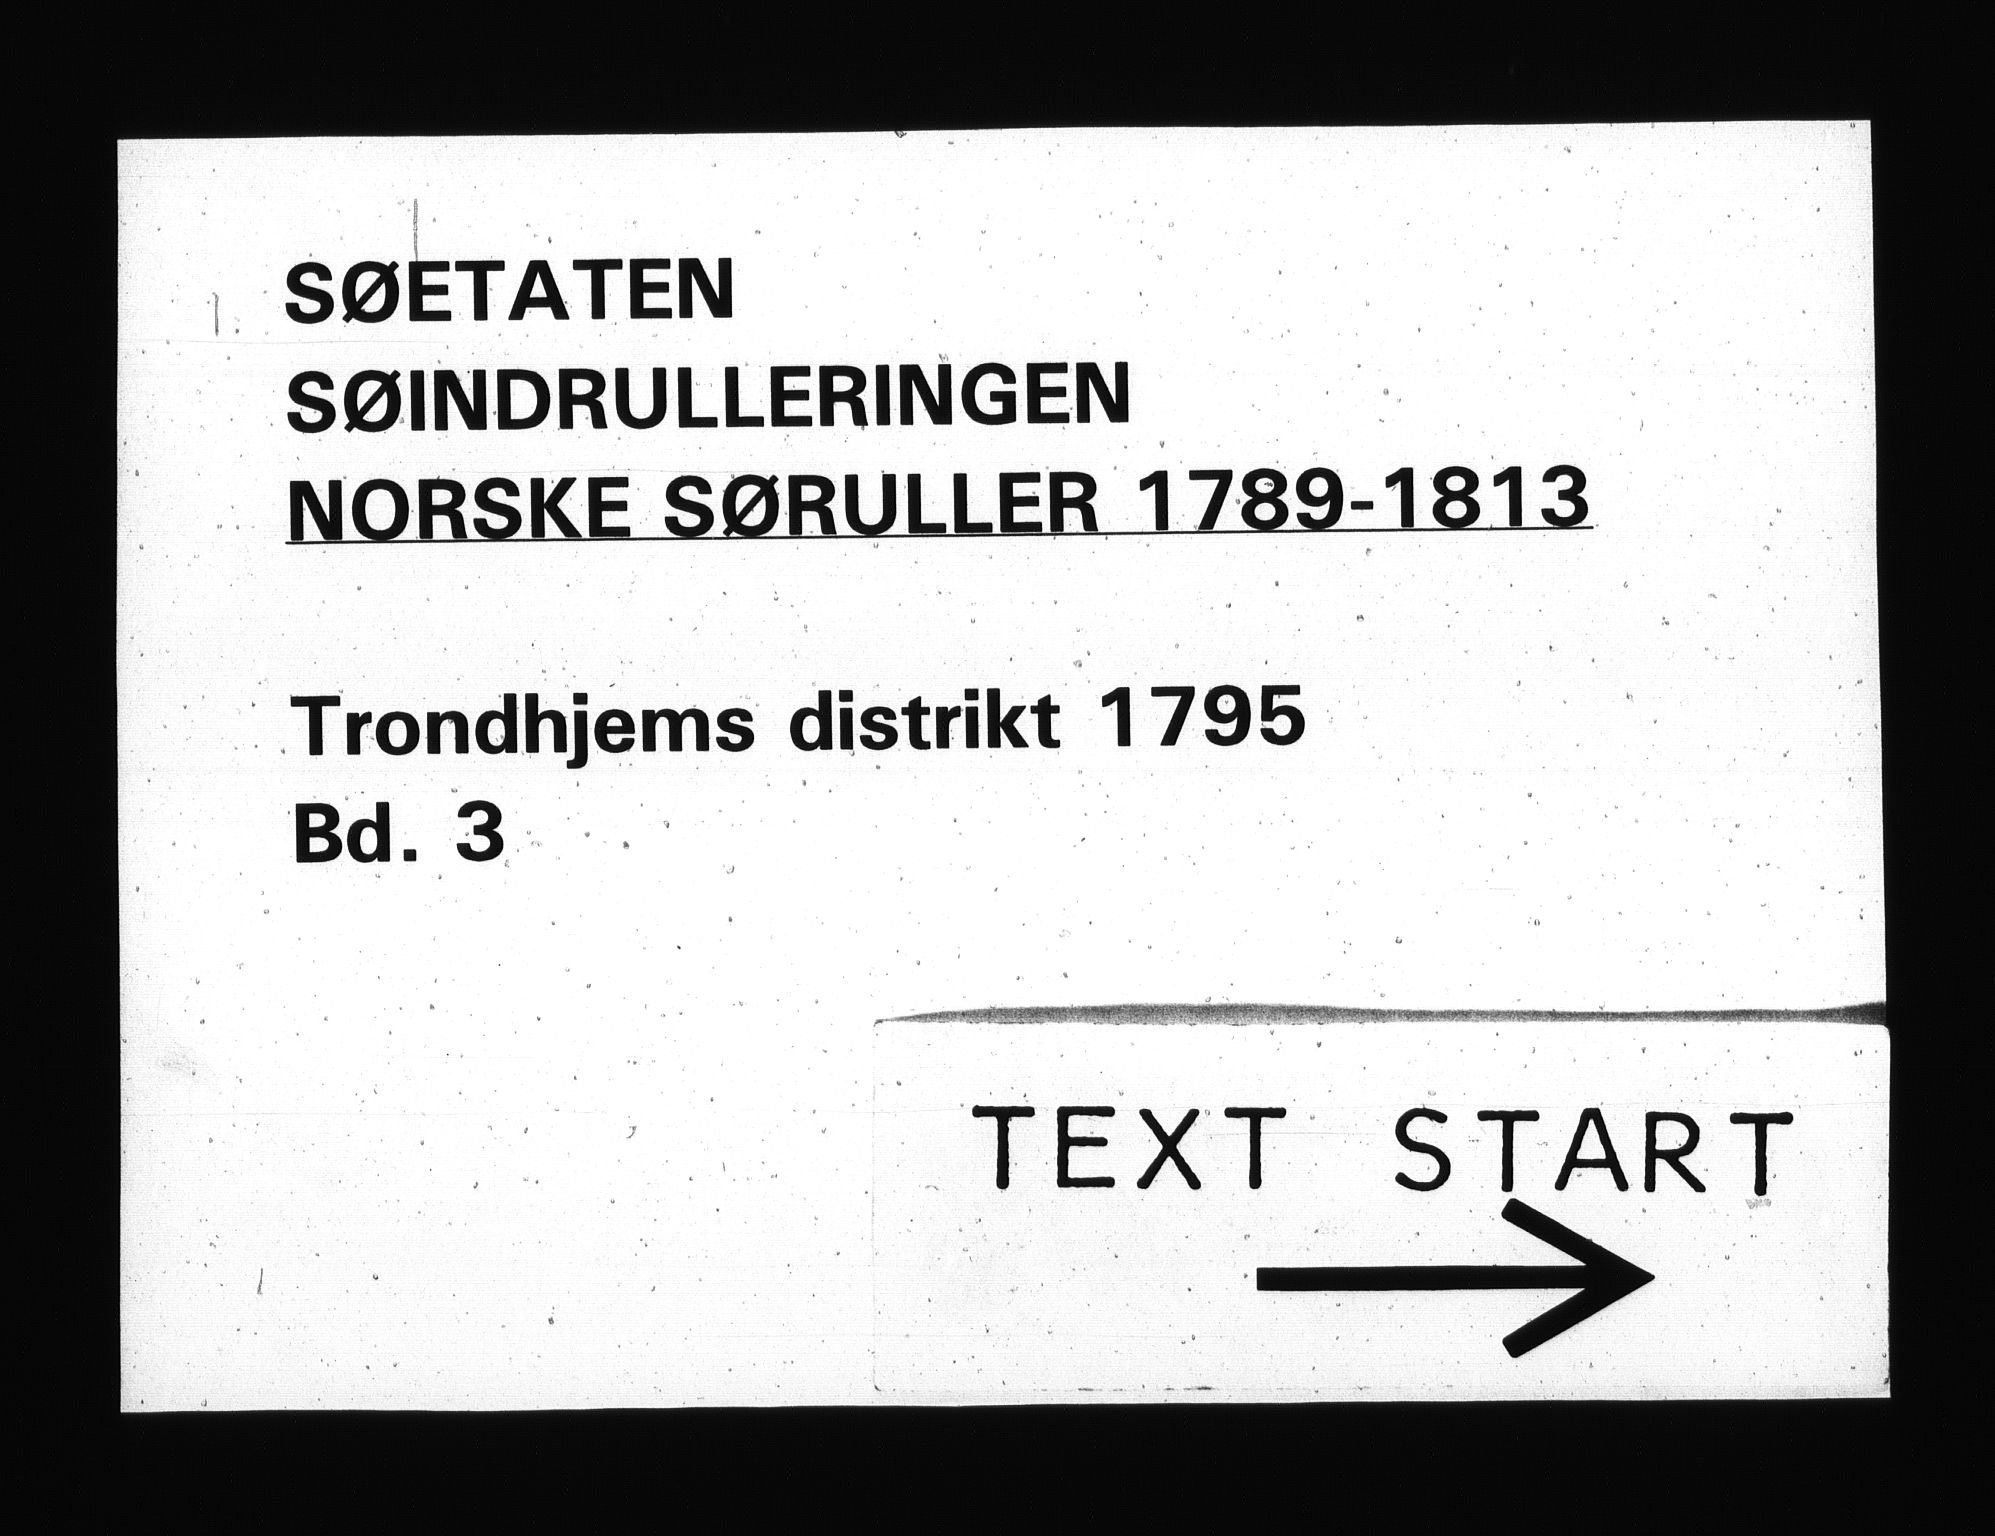 RA, Sjøetaten, F/L0312: Trondheim distrikt, bind 3, 1795